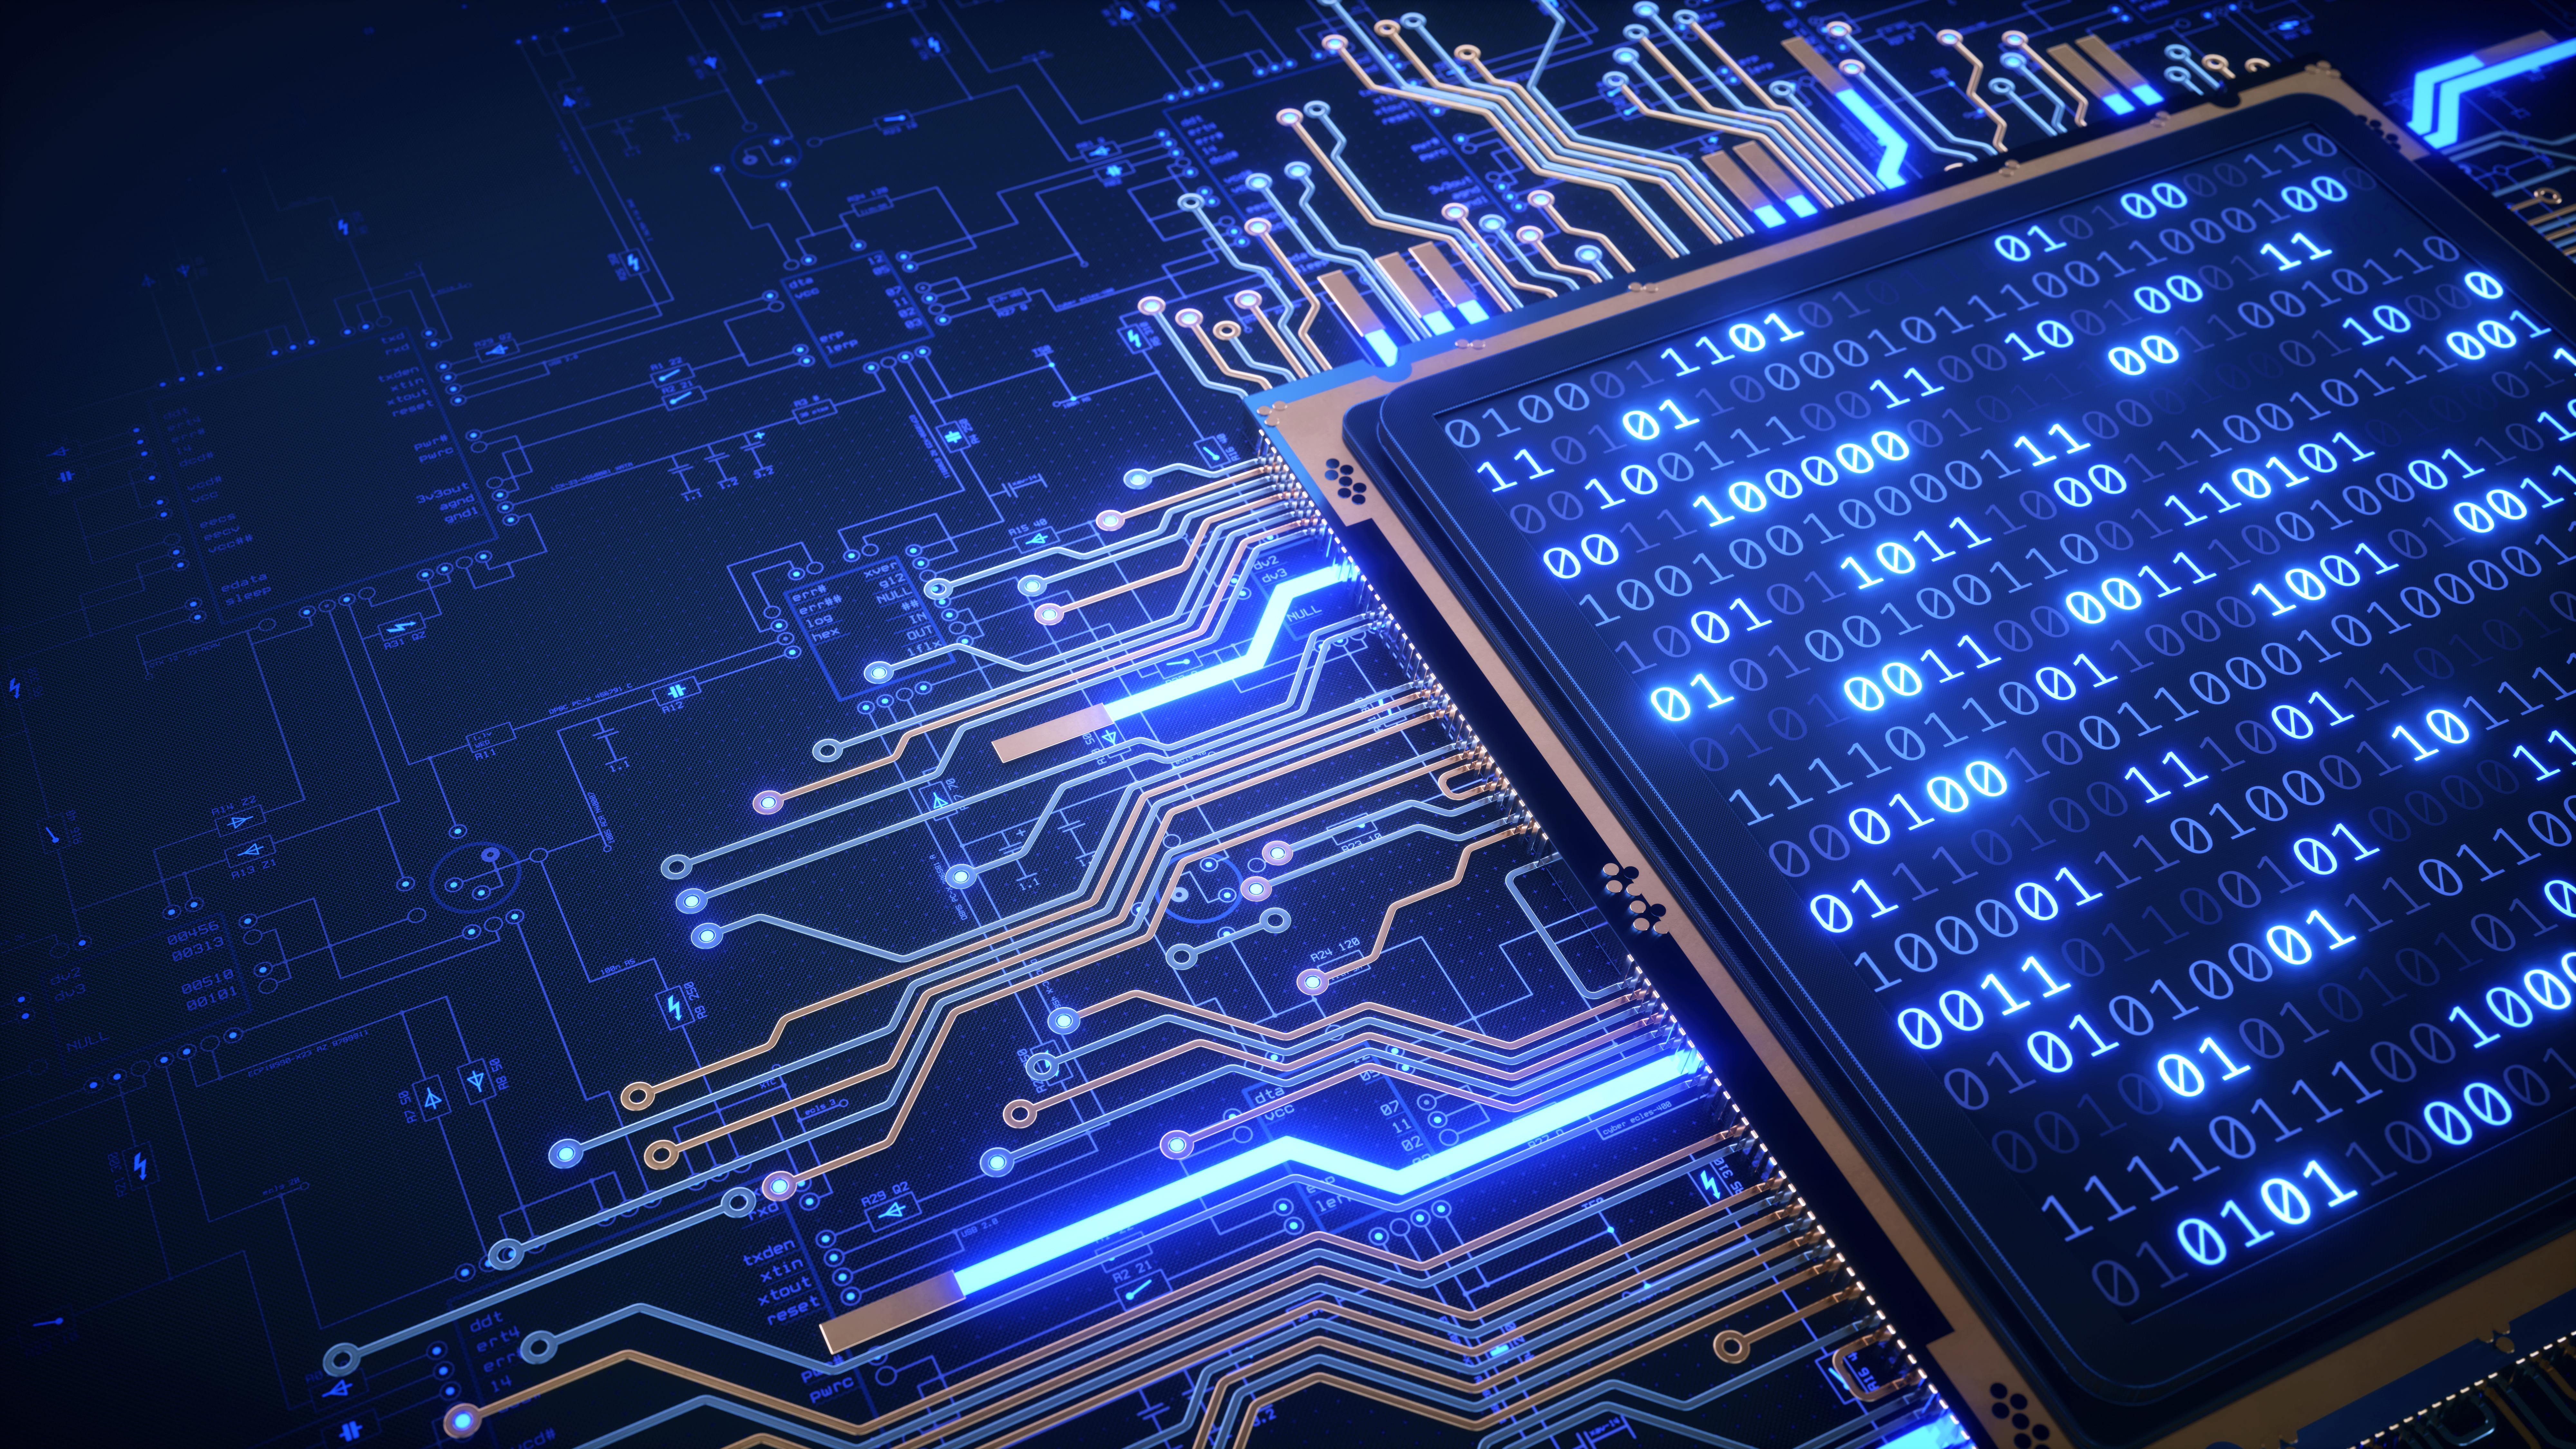 A computer chip lighting up blue on a blueprint